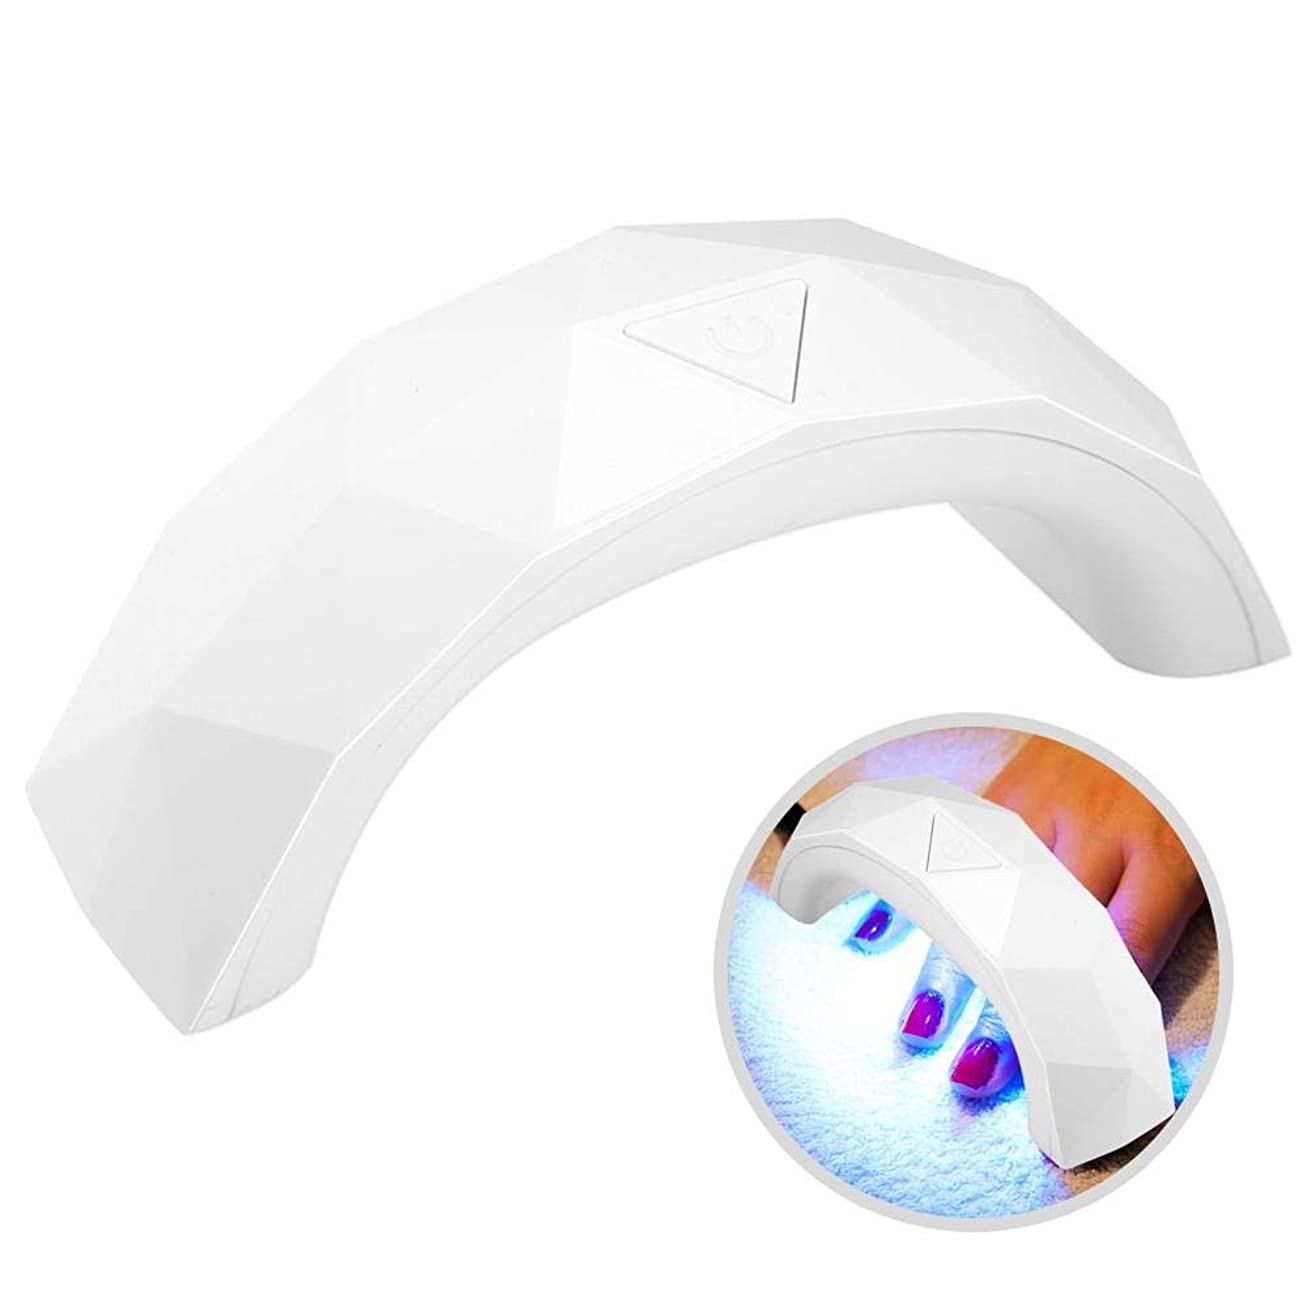 ヒントセーブ移動LEDネイルライト,ネイルドライヤー60 sタイミング紫外線ジェルネイルポリッシュドライ硬化マニキュアusbネイルポリッシュドライヤー